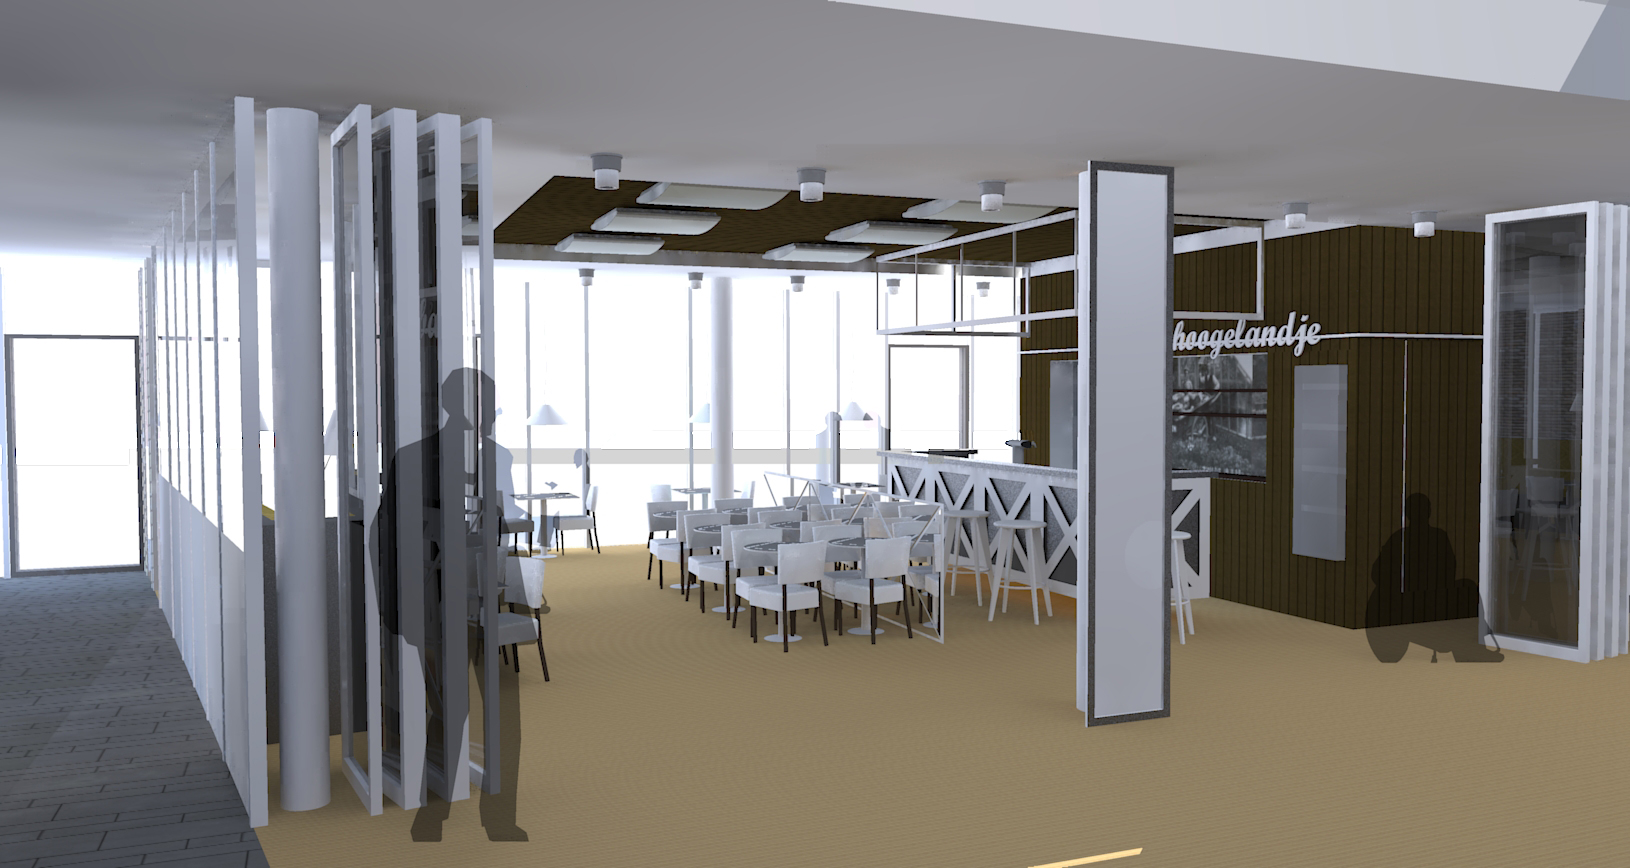 Grandcafe zorgcentrum